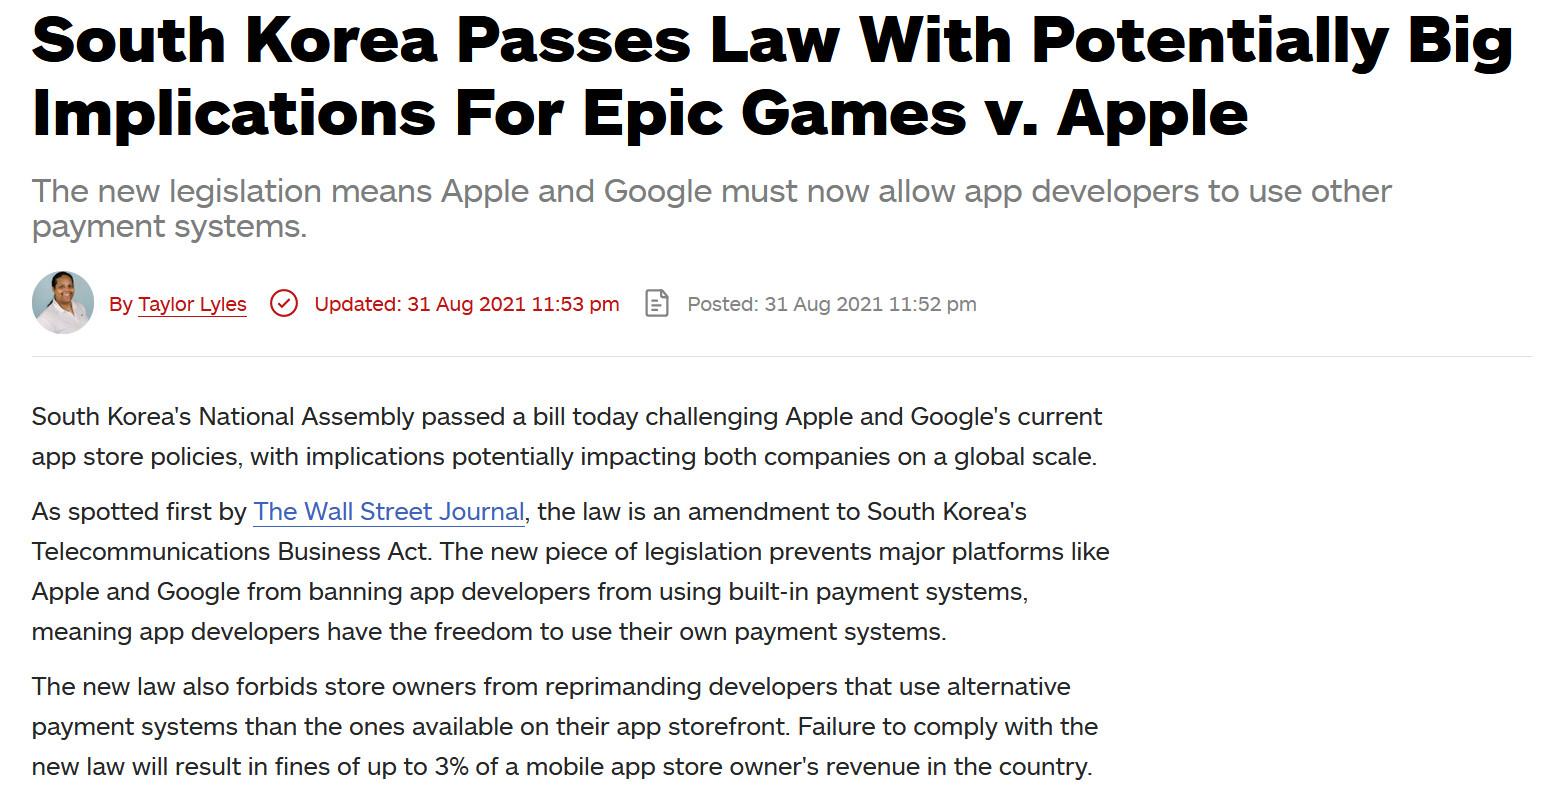 вернулся на телефоны Apple но только в Южной Корее 1 - Фортнайт вернется на телефоны Apple, но только в Южной Корее